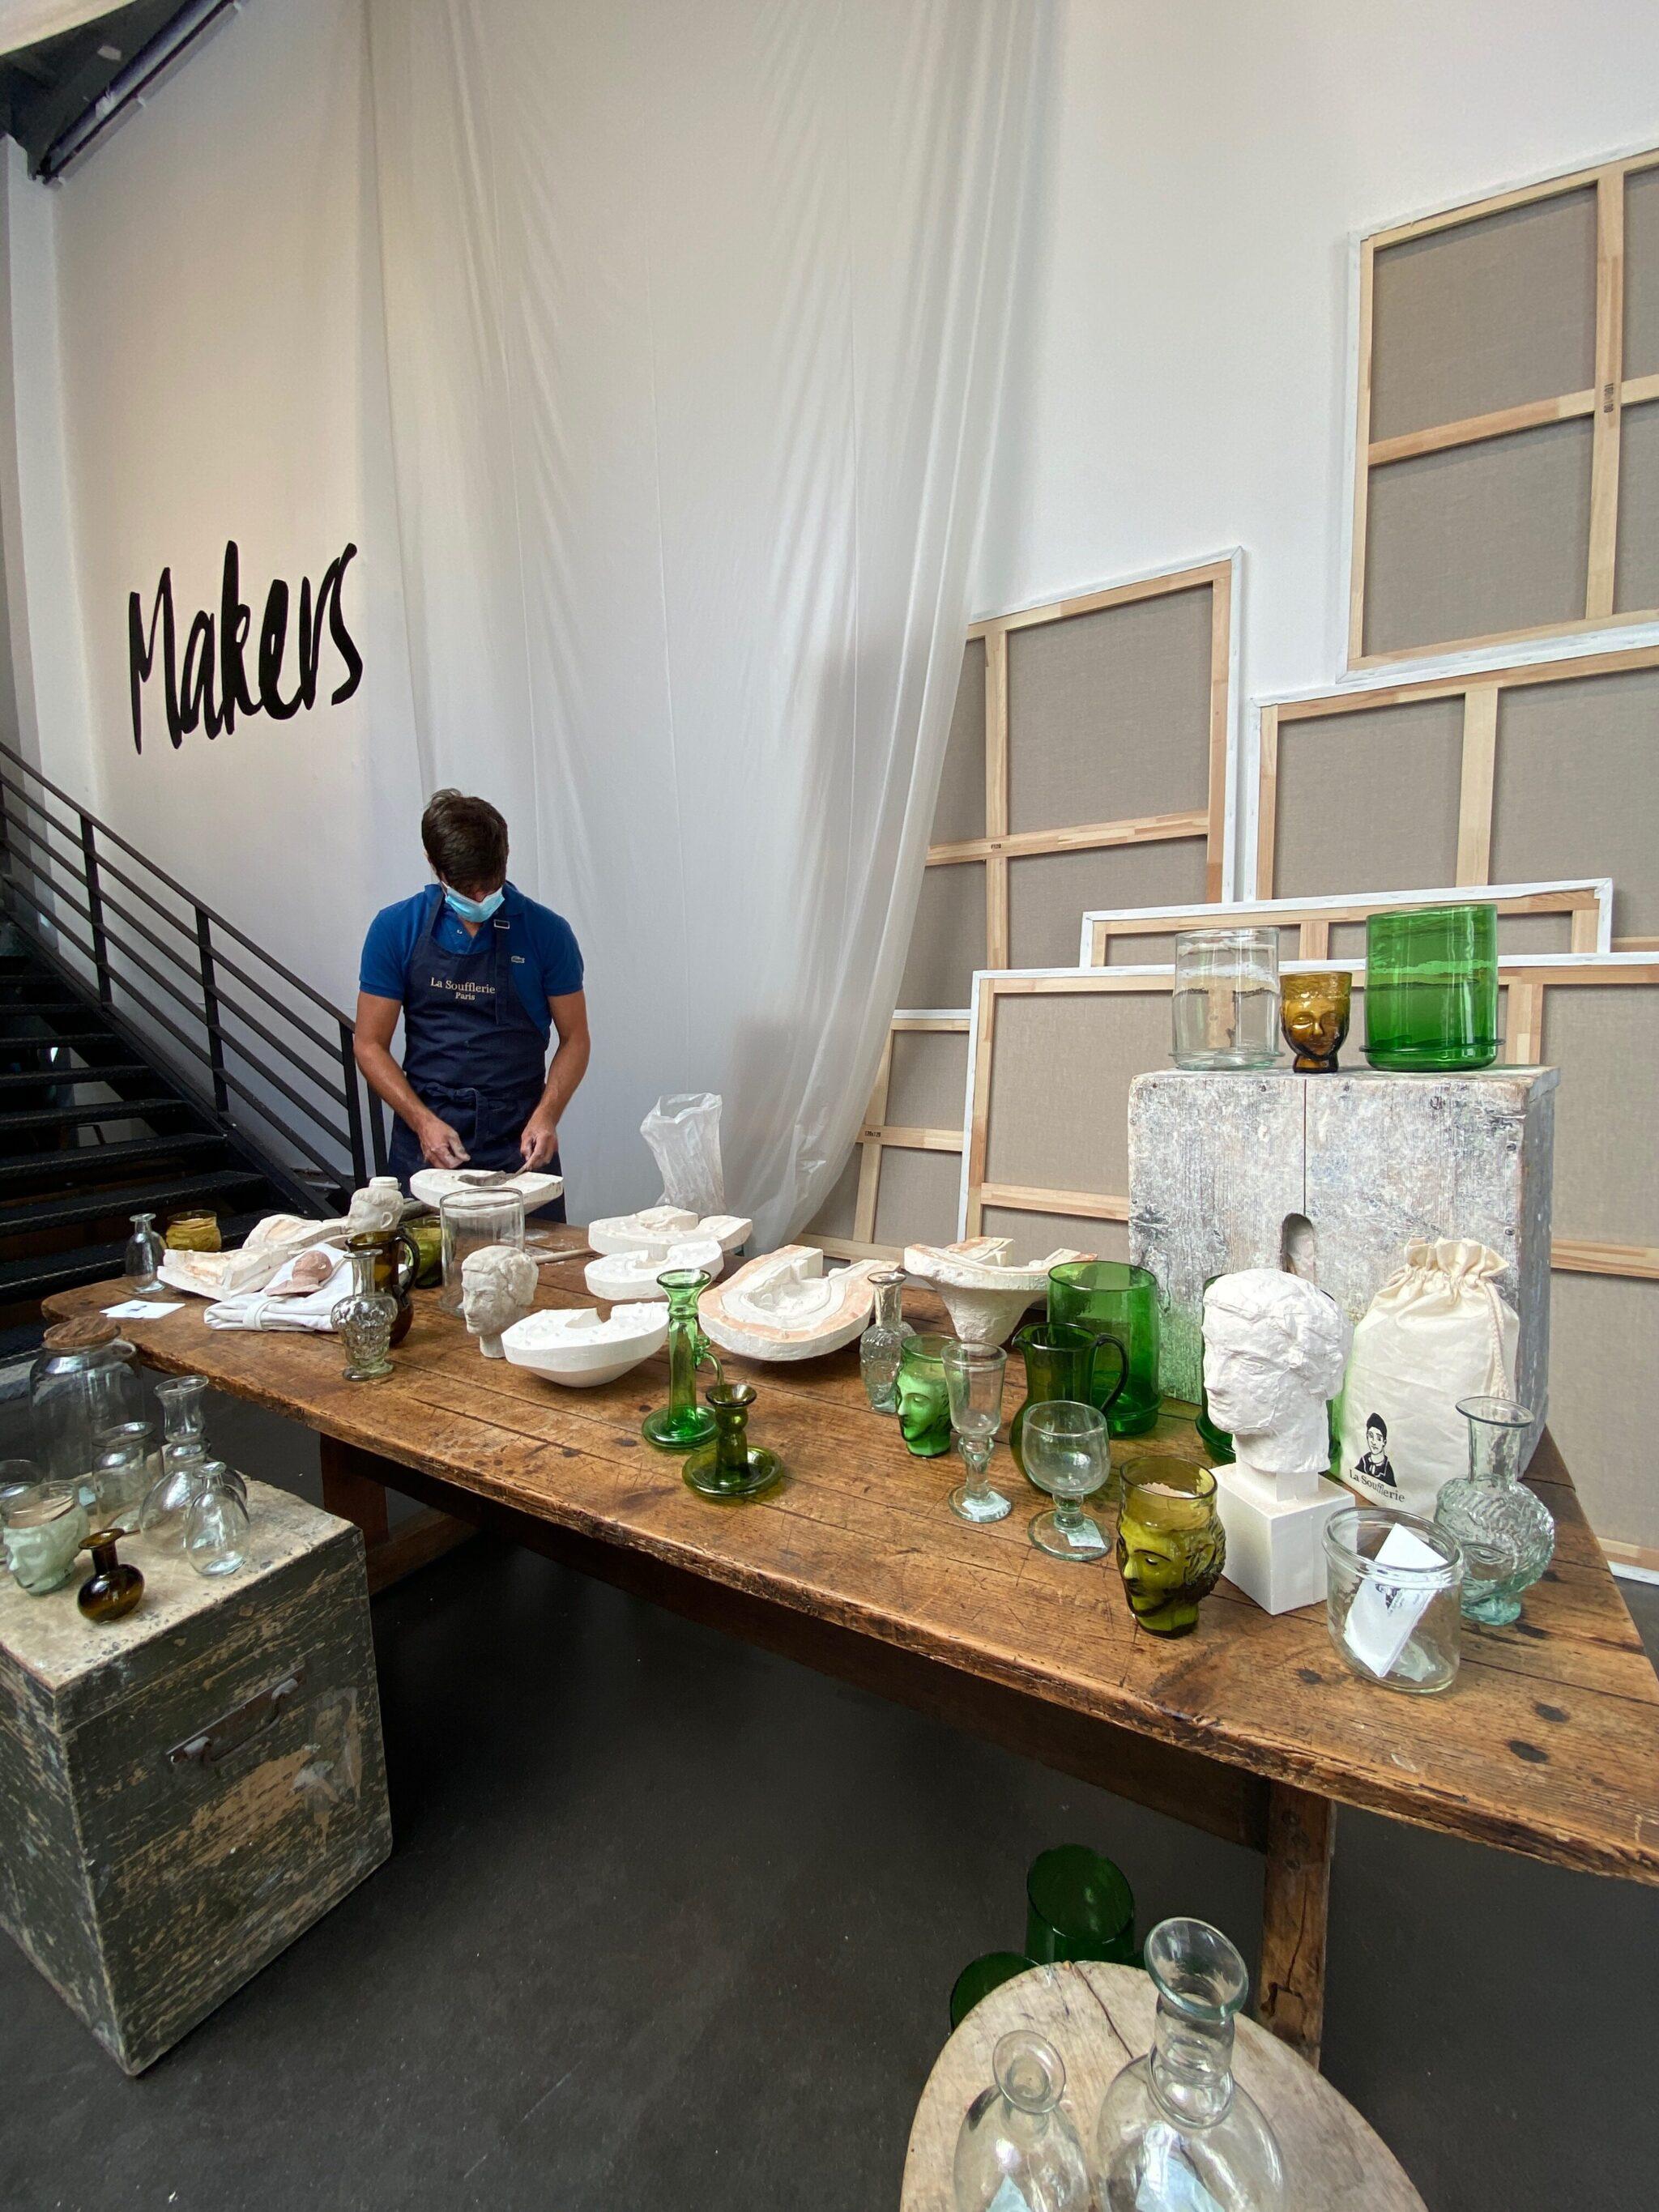 la-soufflerie-makers-chez-merci-paris-event